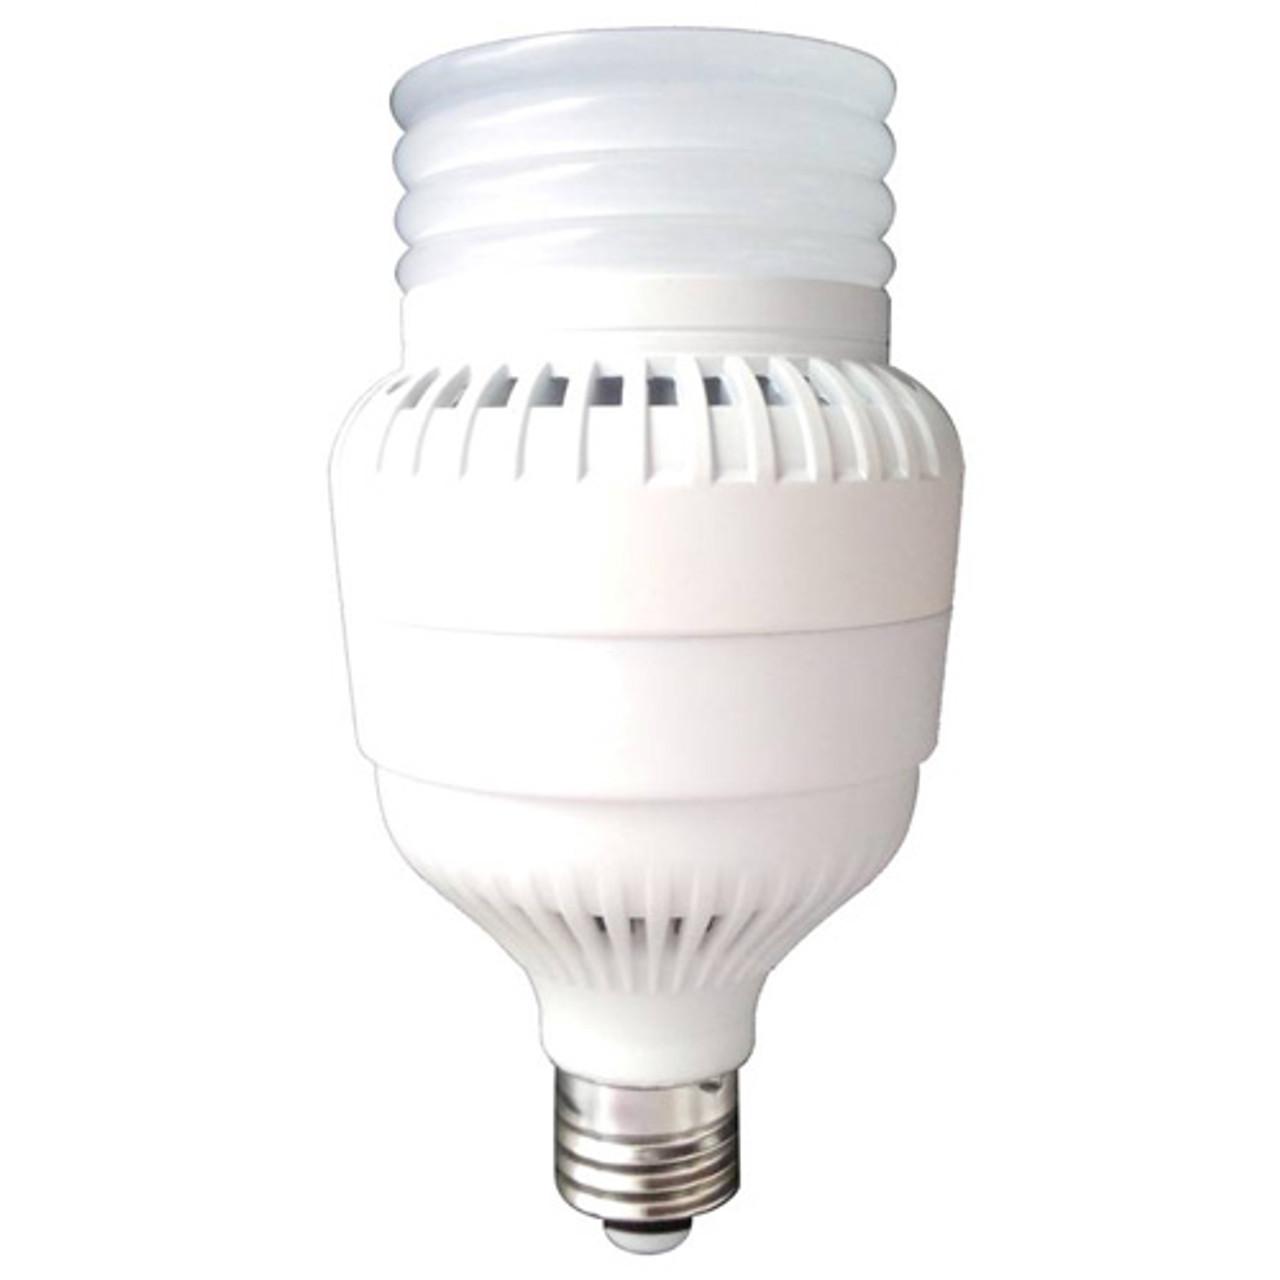 30w LED Light Bulb